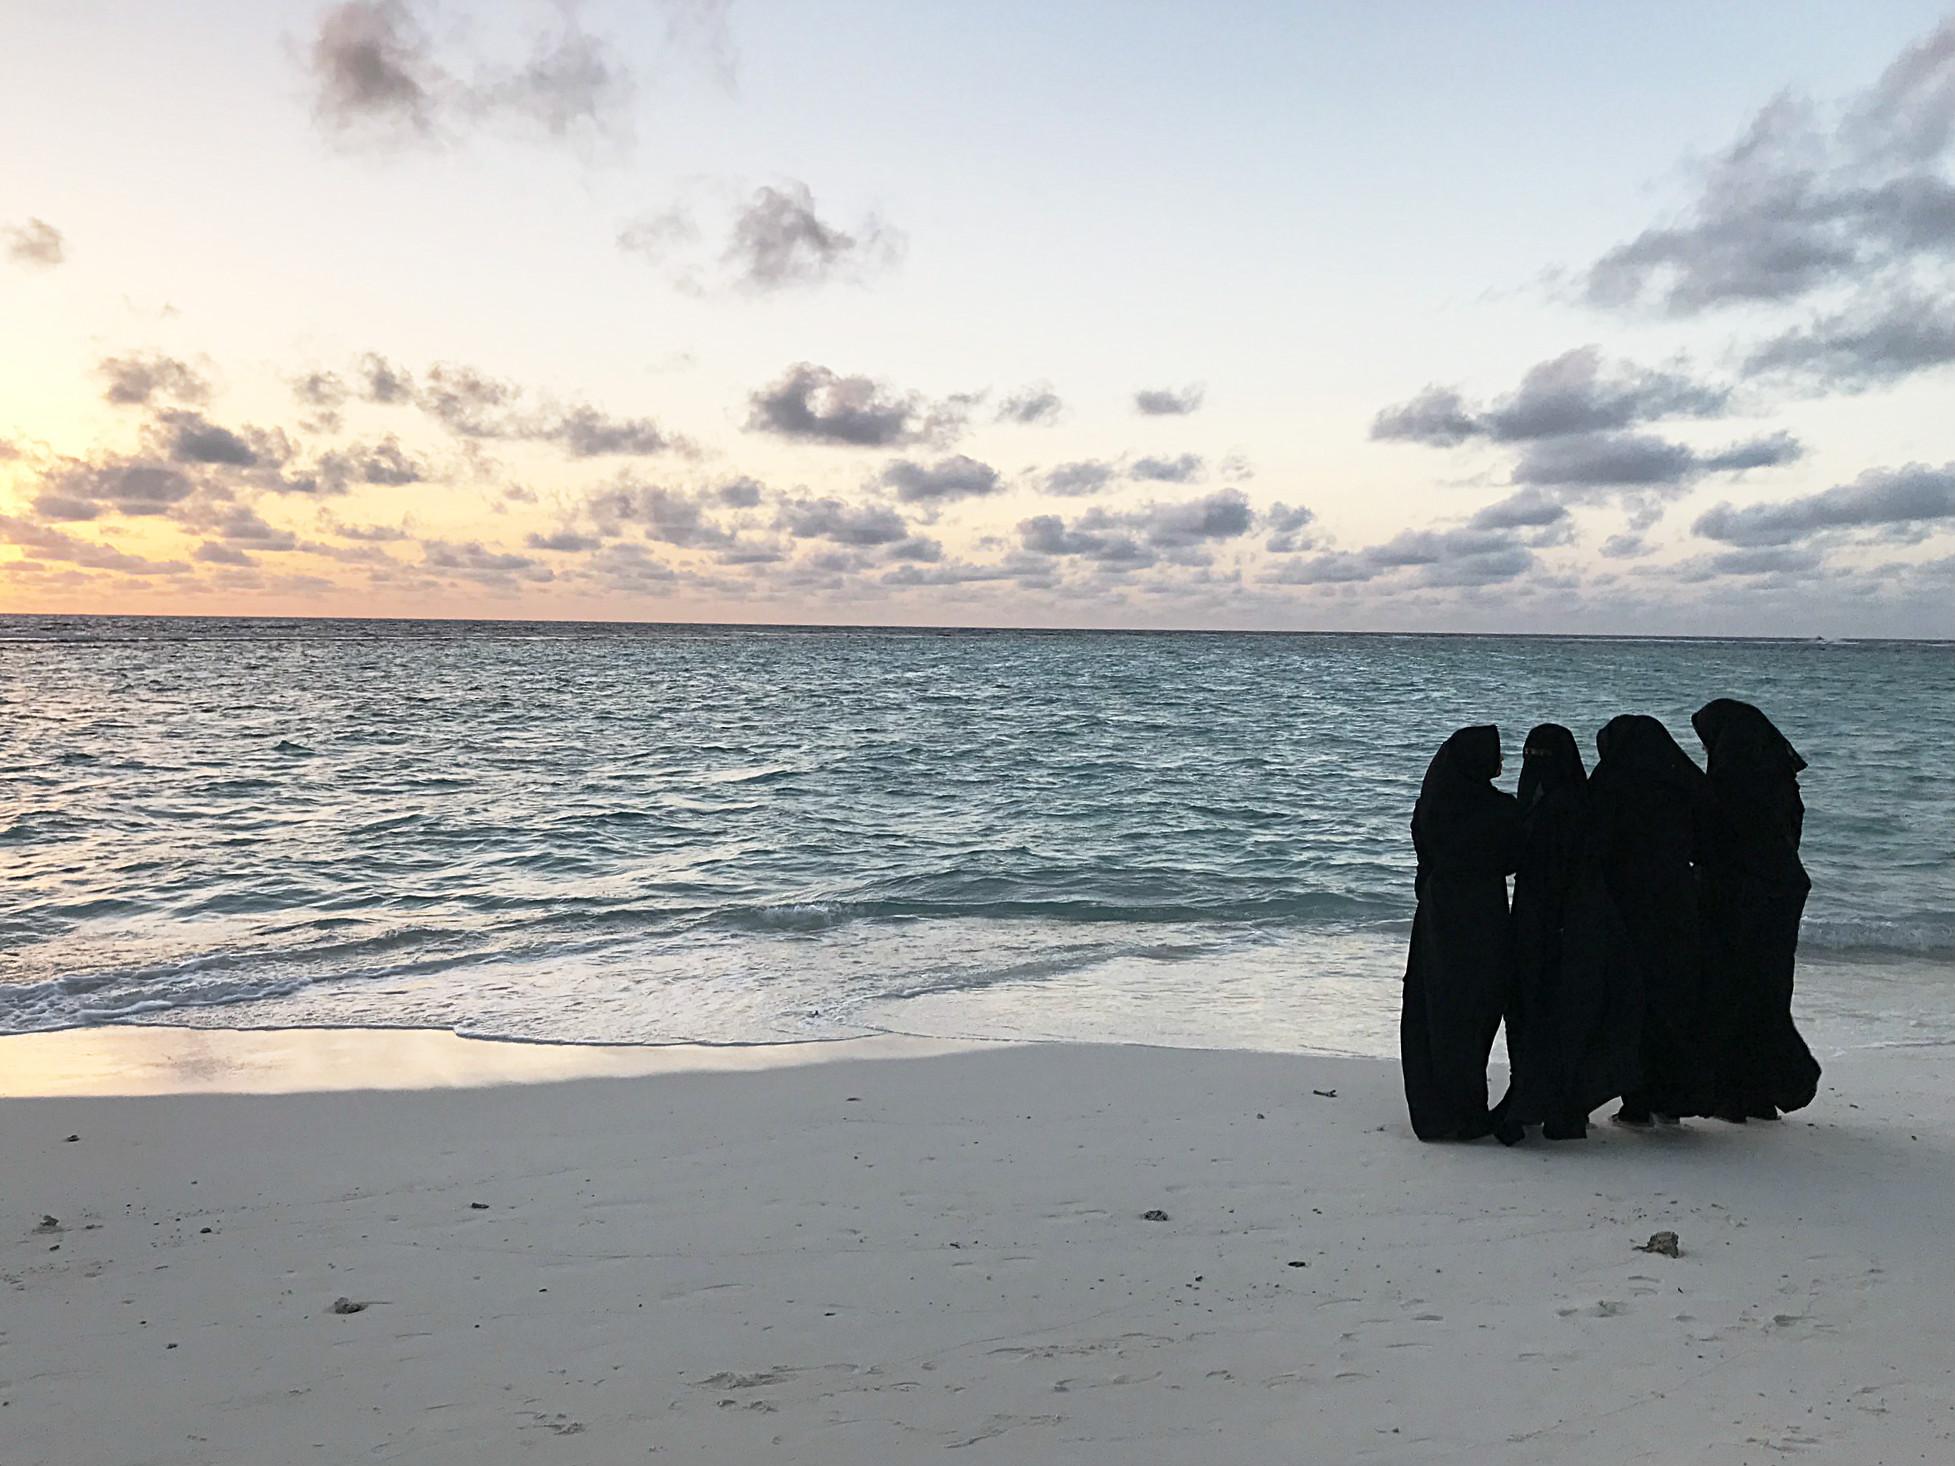 Sonnenuntergang am Local Beach - ein paar Damen in schwarz möchten auch gern ein Sonnenuntergangsbild!